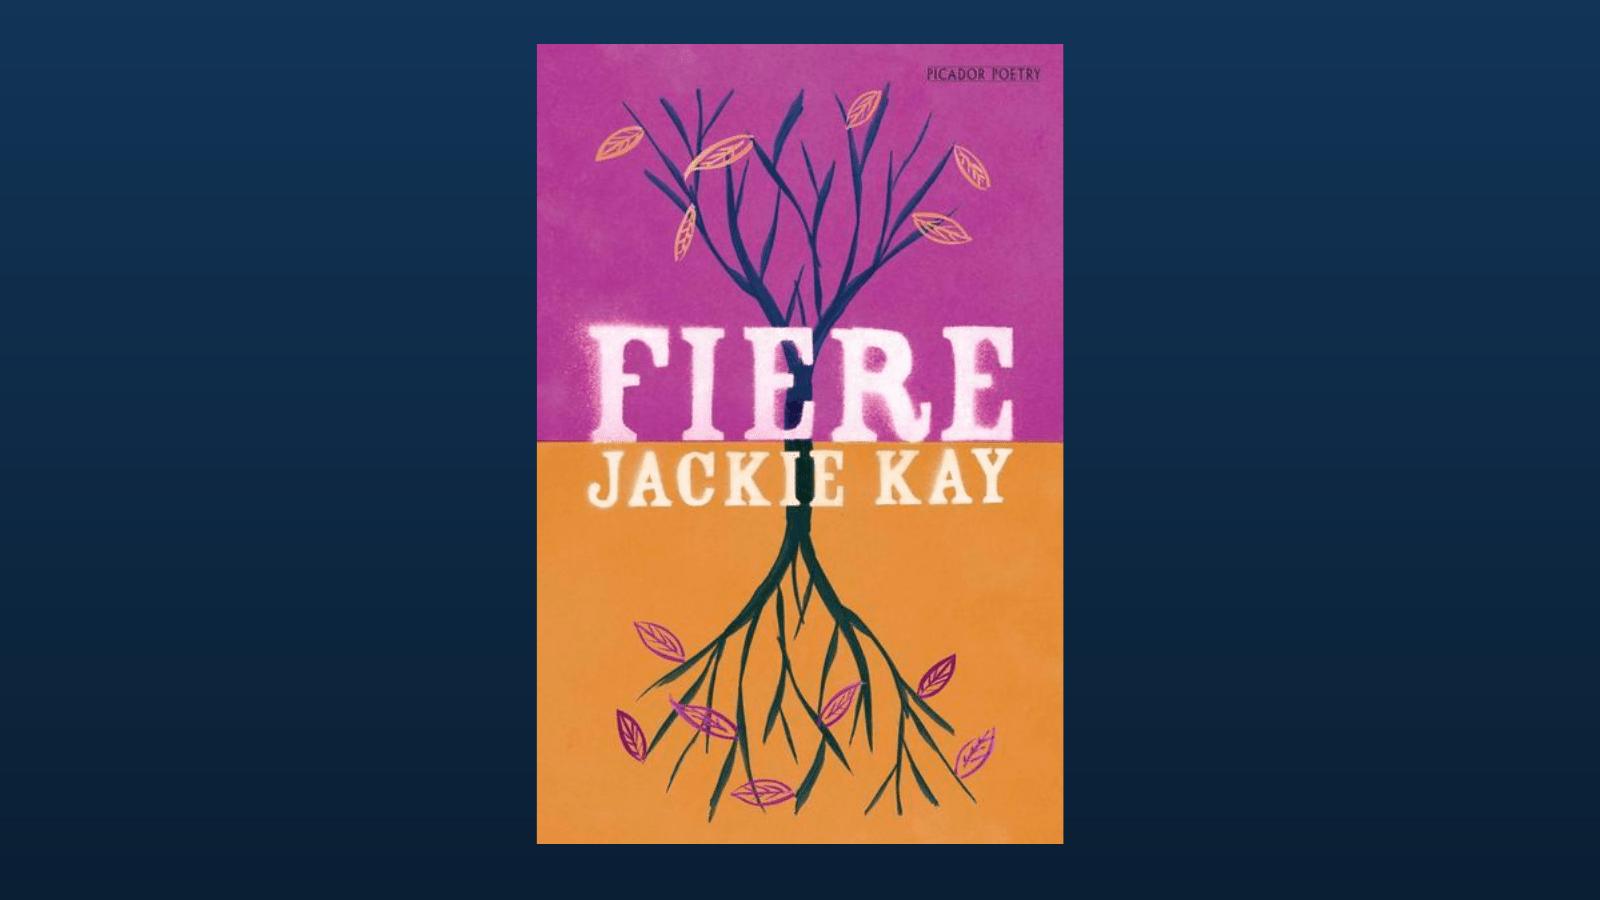 Fiere Jackie Kay poetry